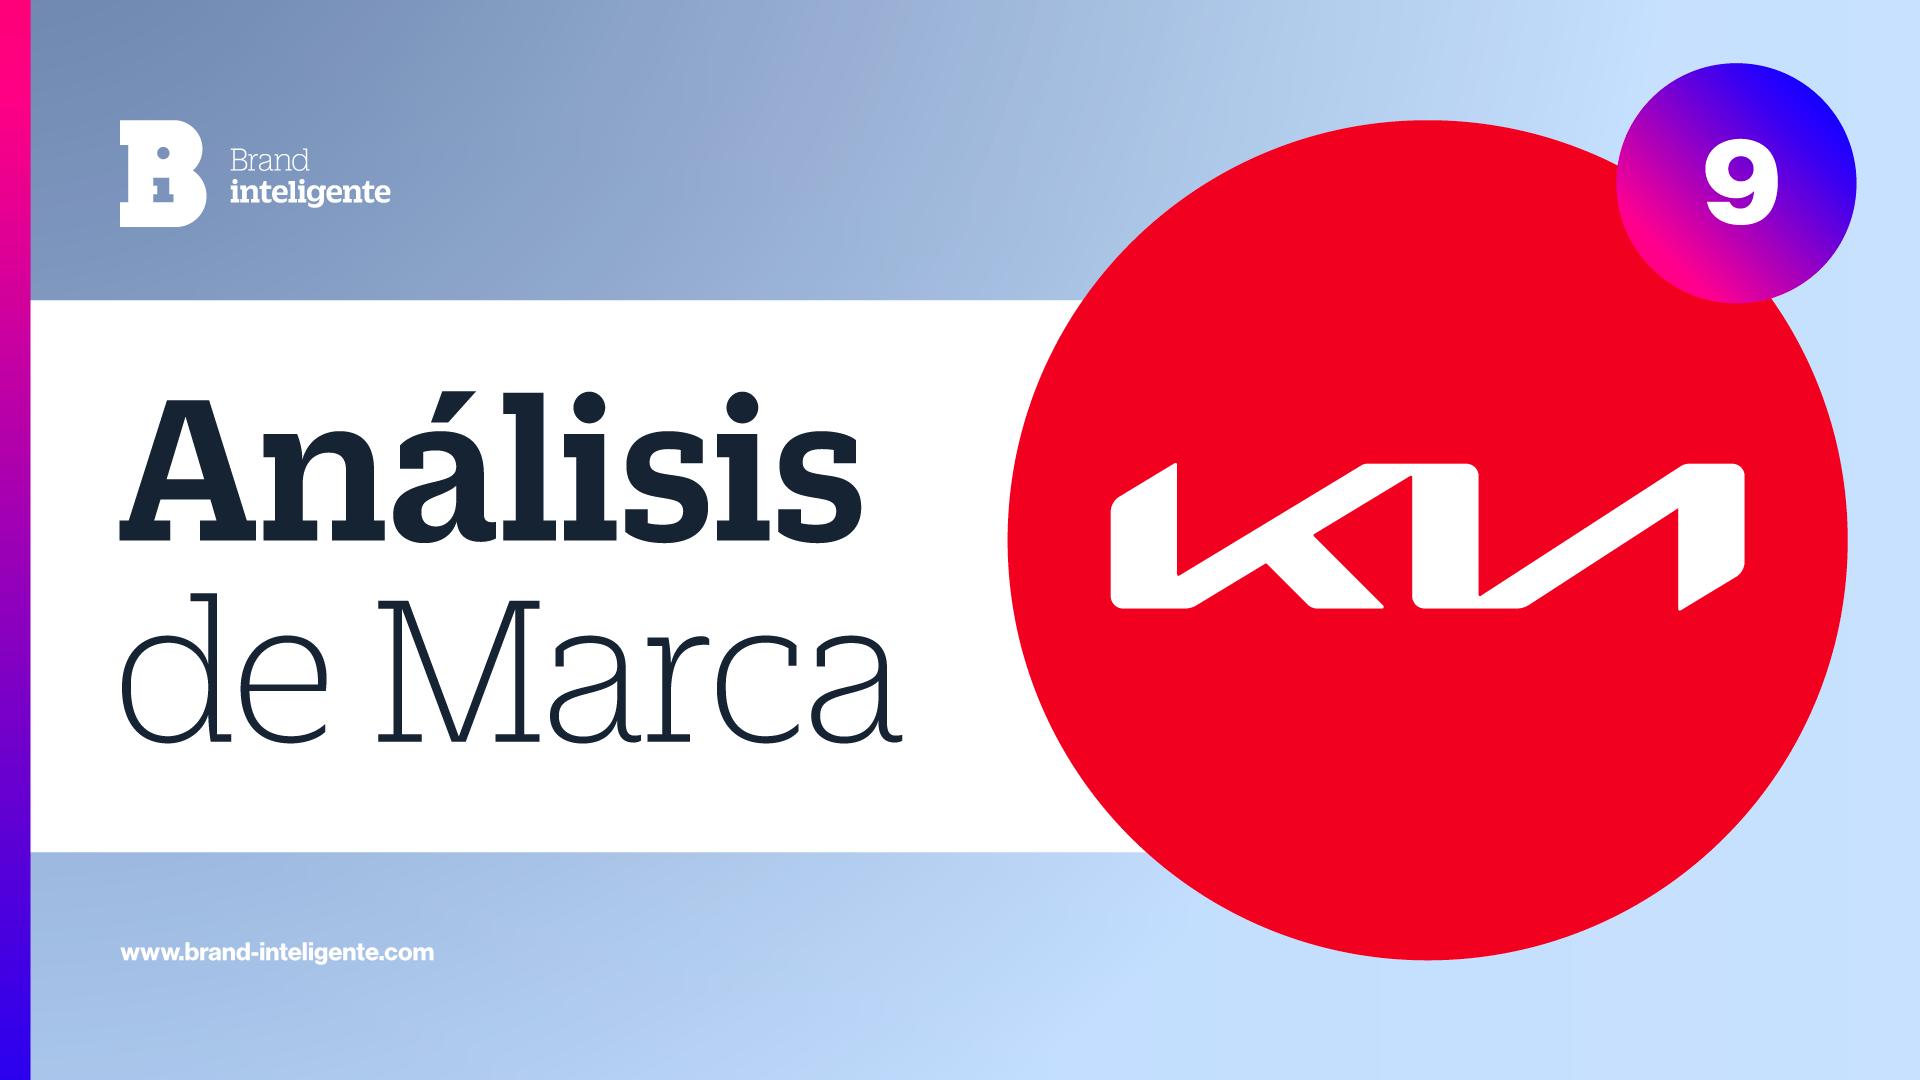 Análisis de marca: KIA